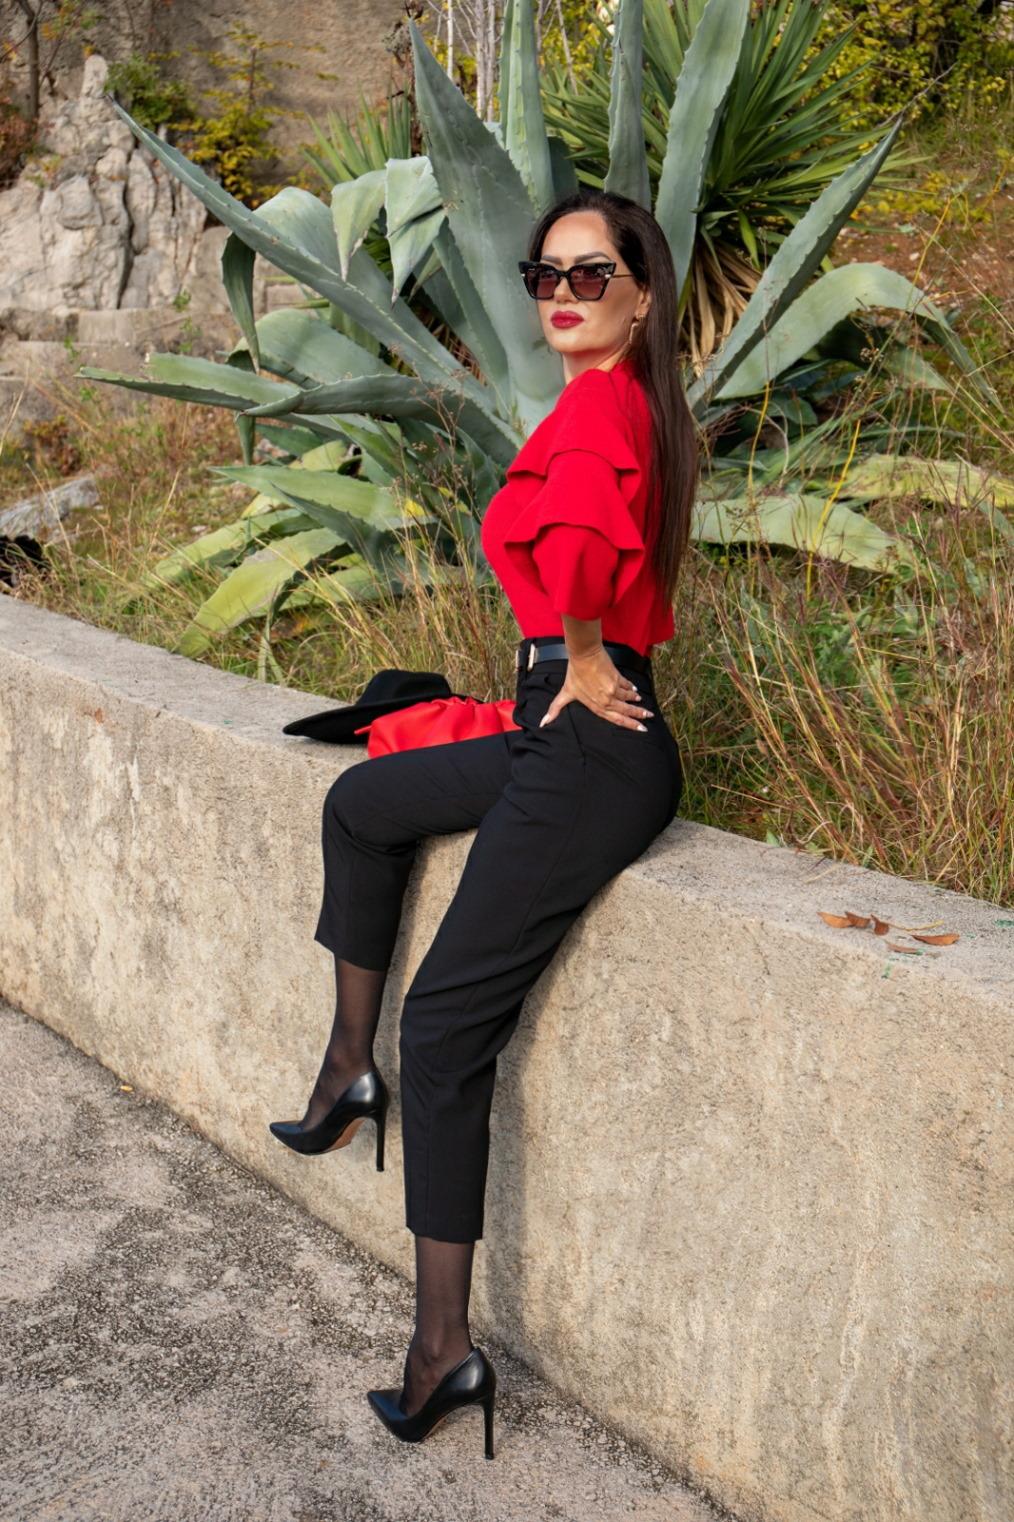 StajleRIca: Sandra Cartello